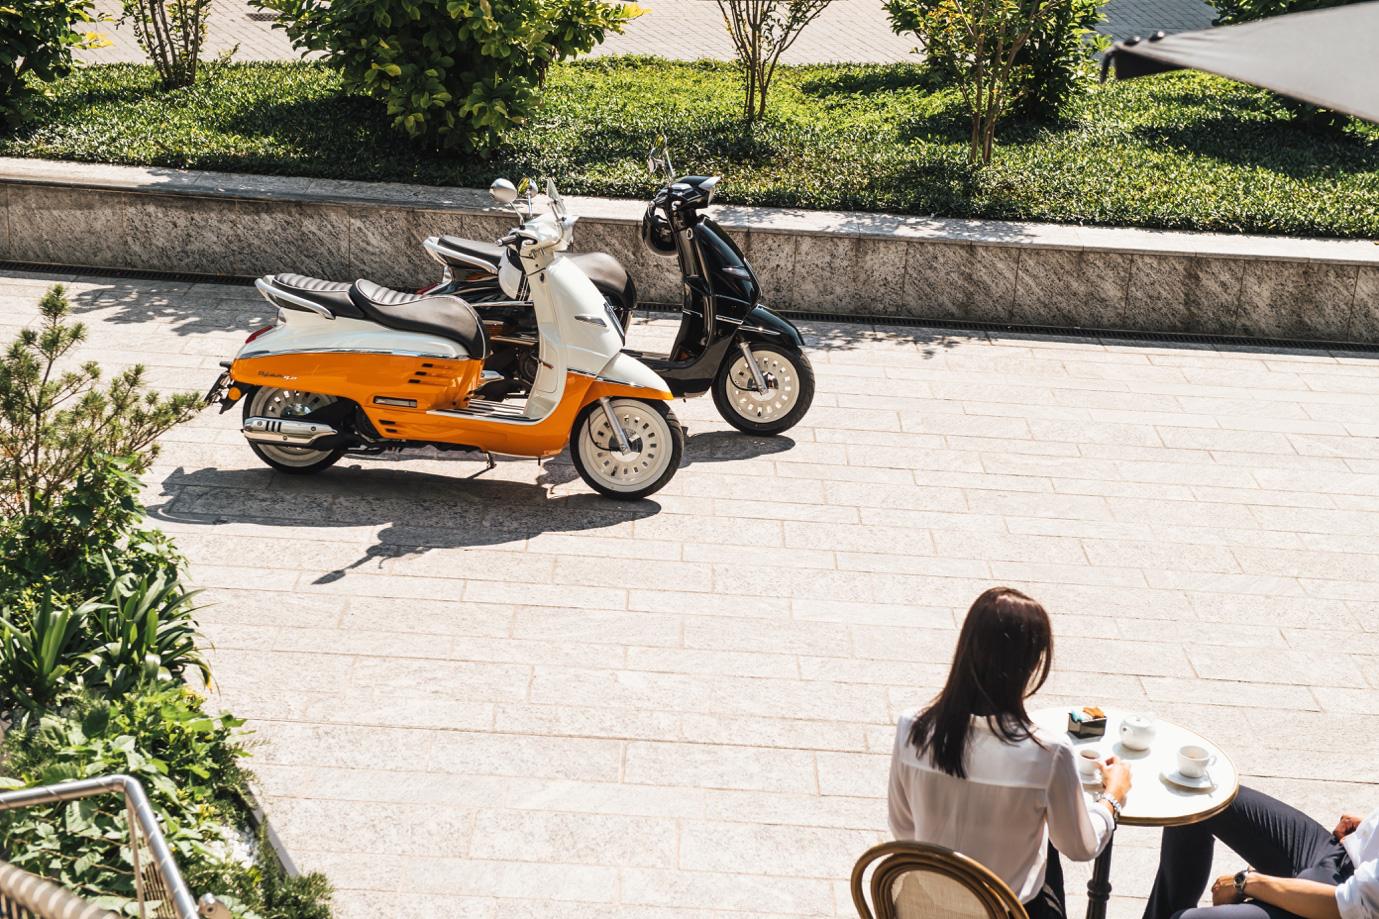 Peugeot Django - Xe Pháp thời thượng cho giới trẻ lượn phố - Ảnh 3.